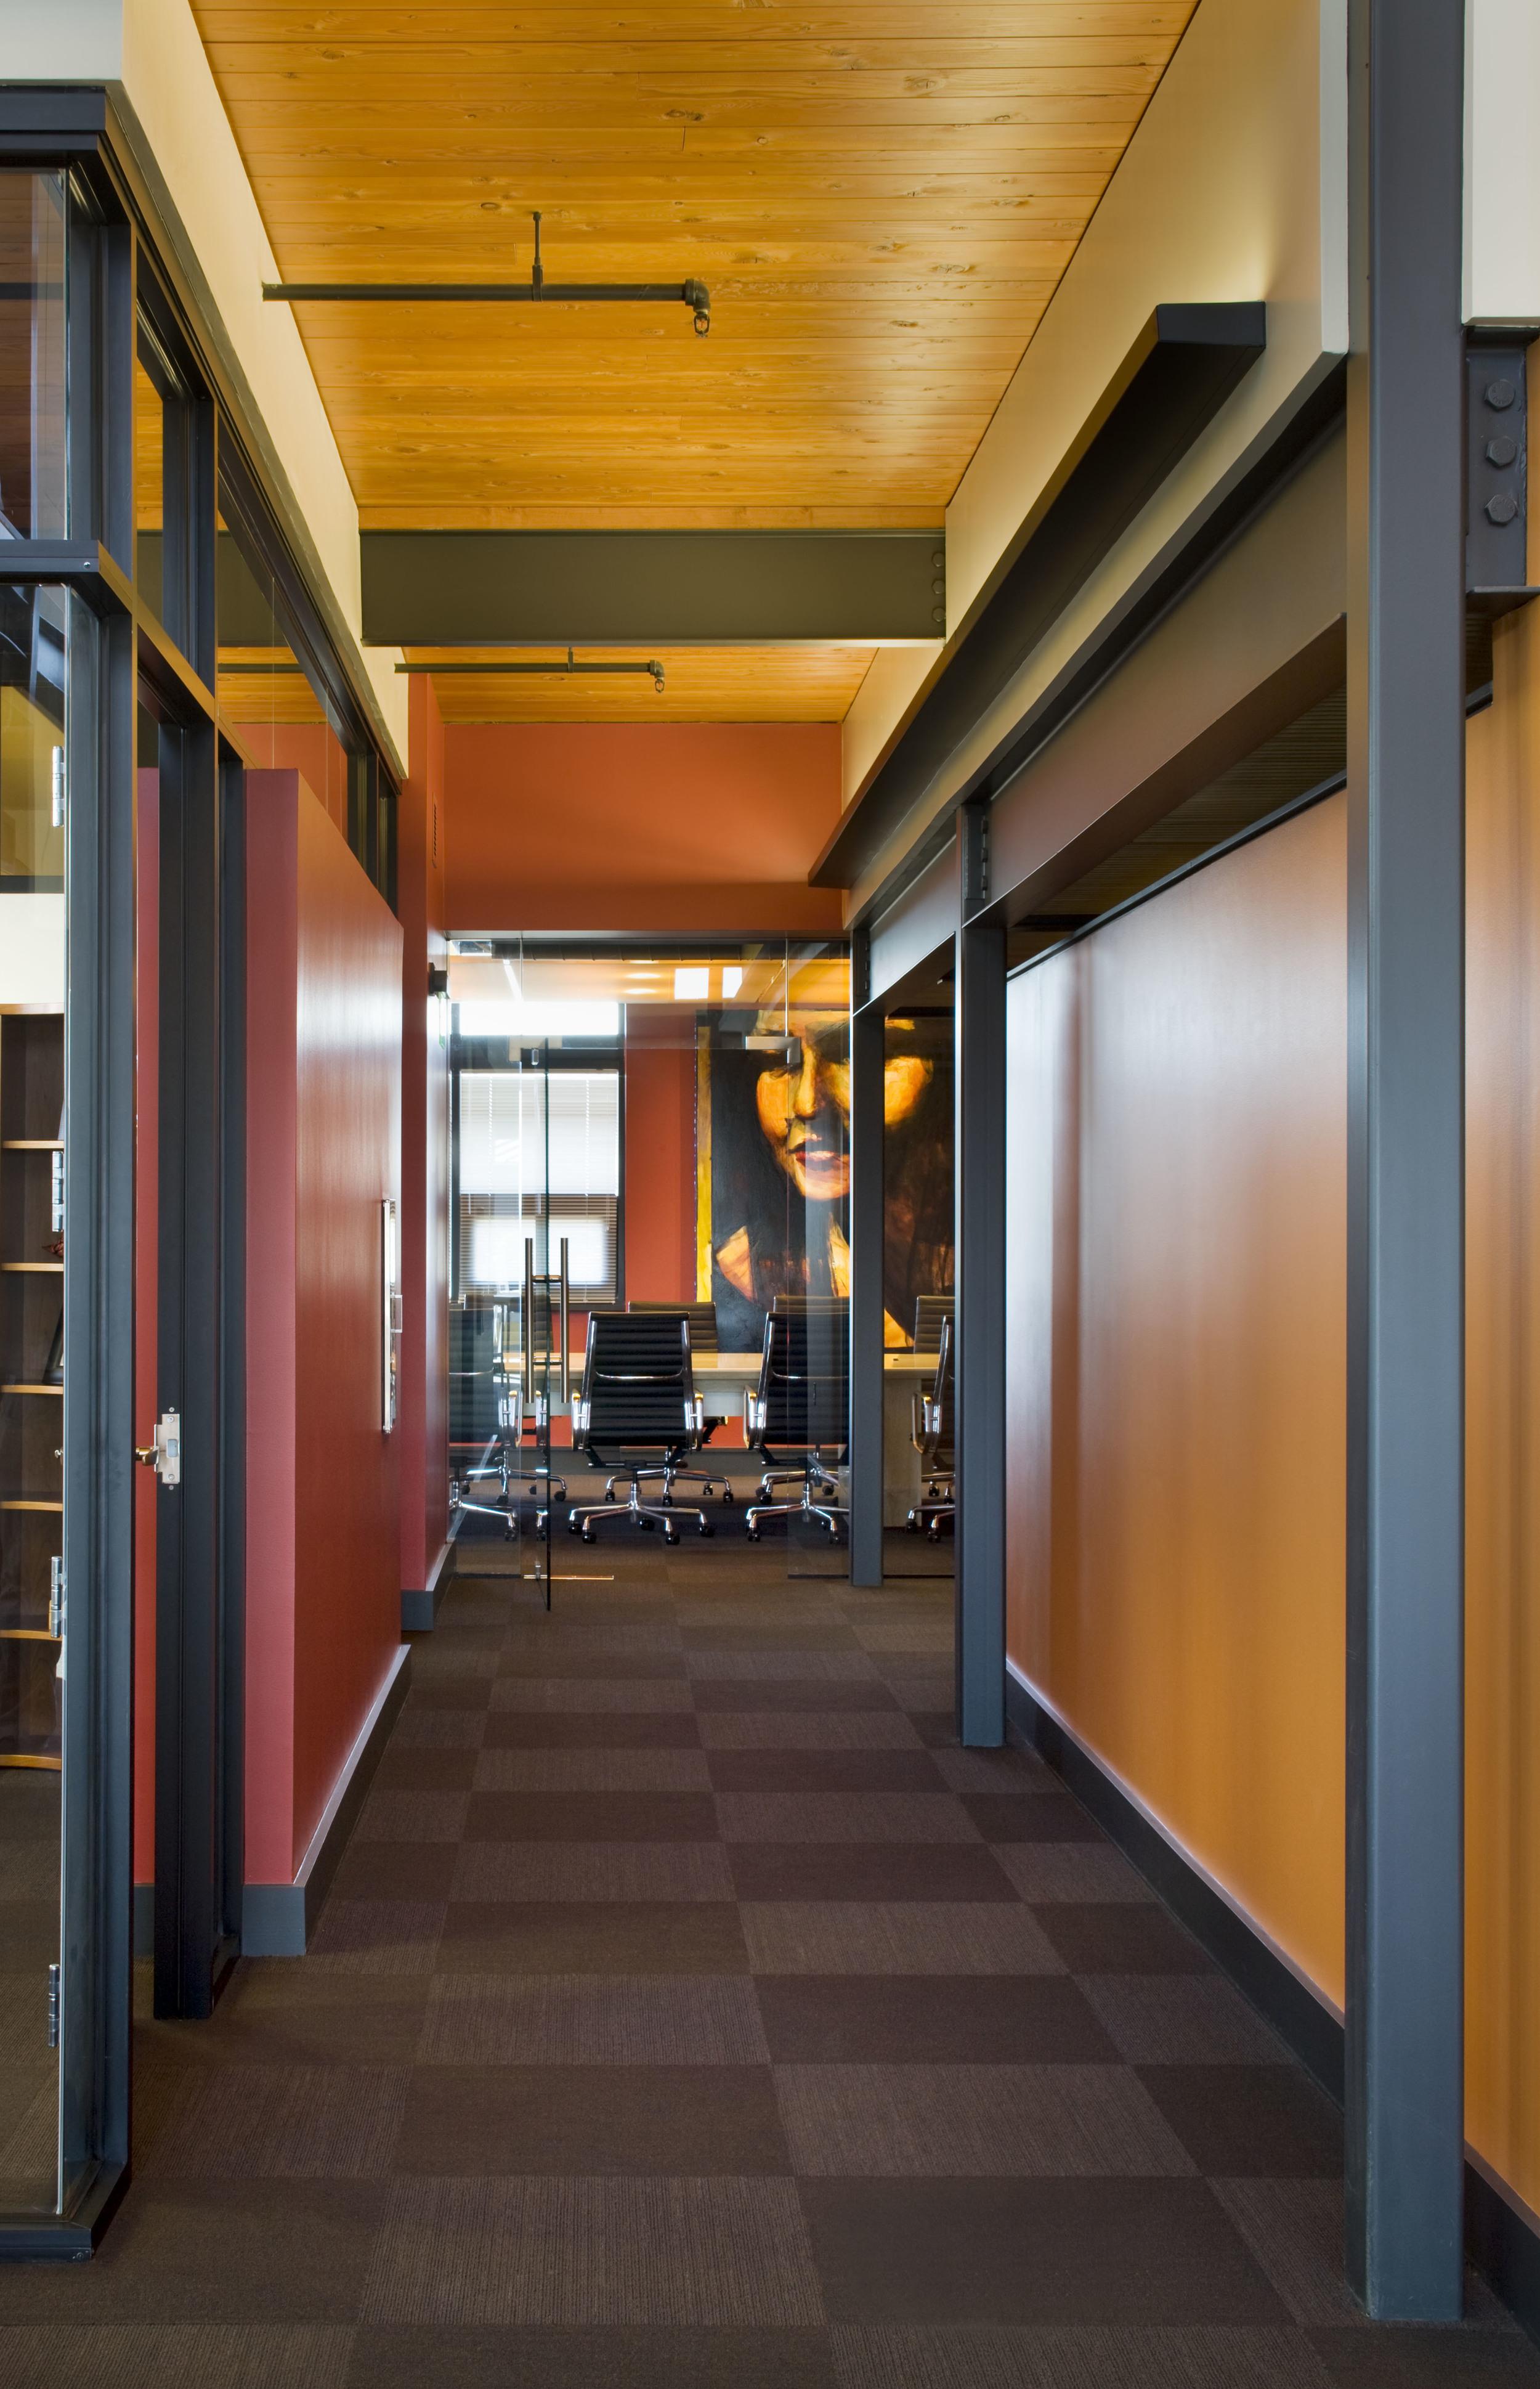 609-5_43_Arlie_Offices_multimedia3.jpg